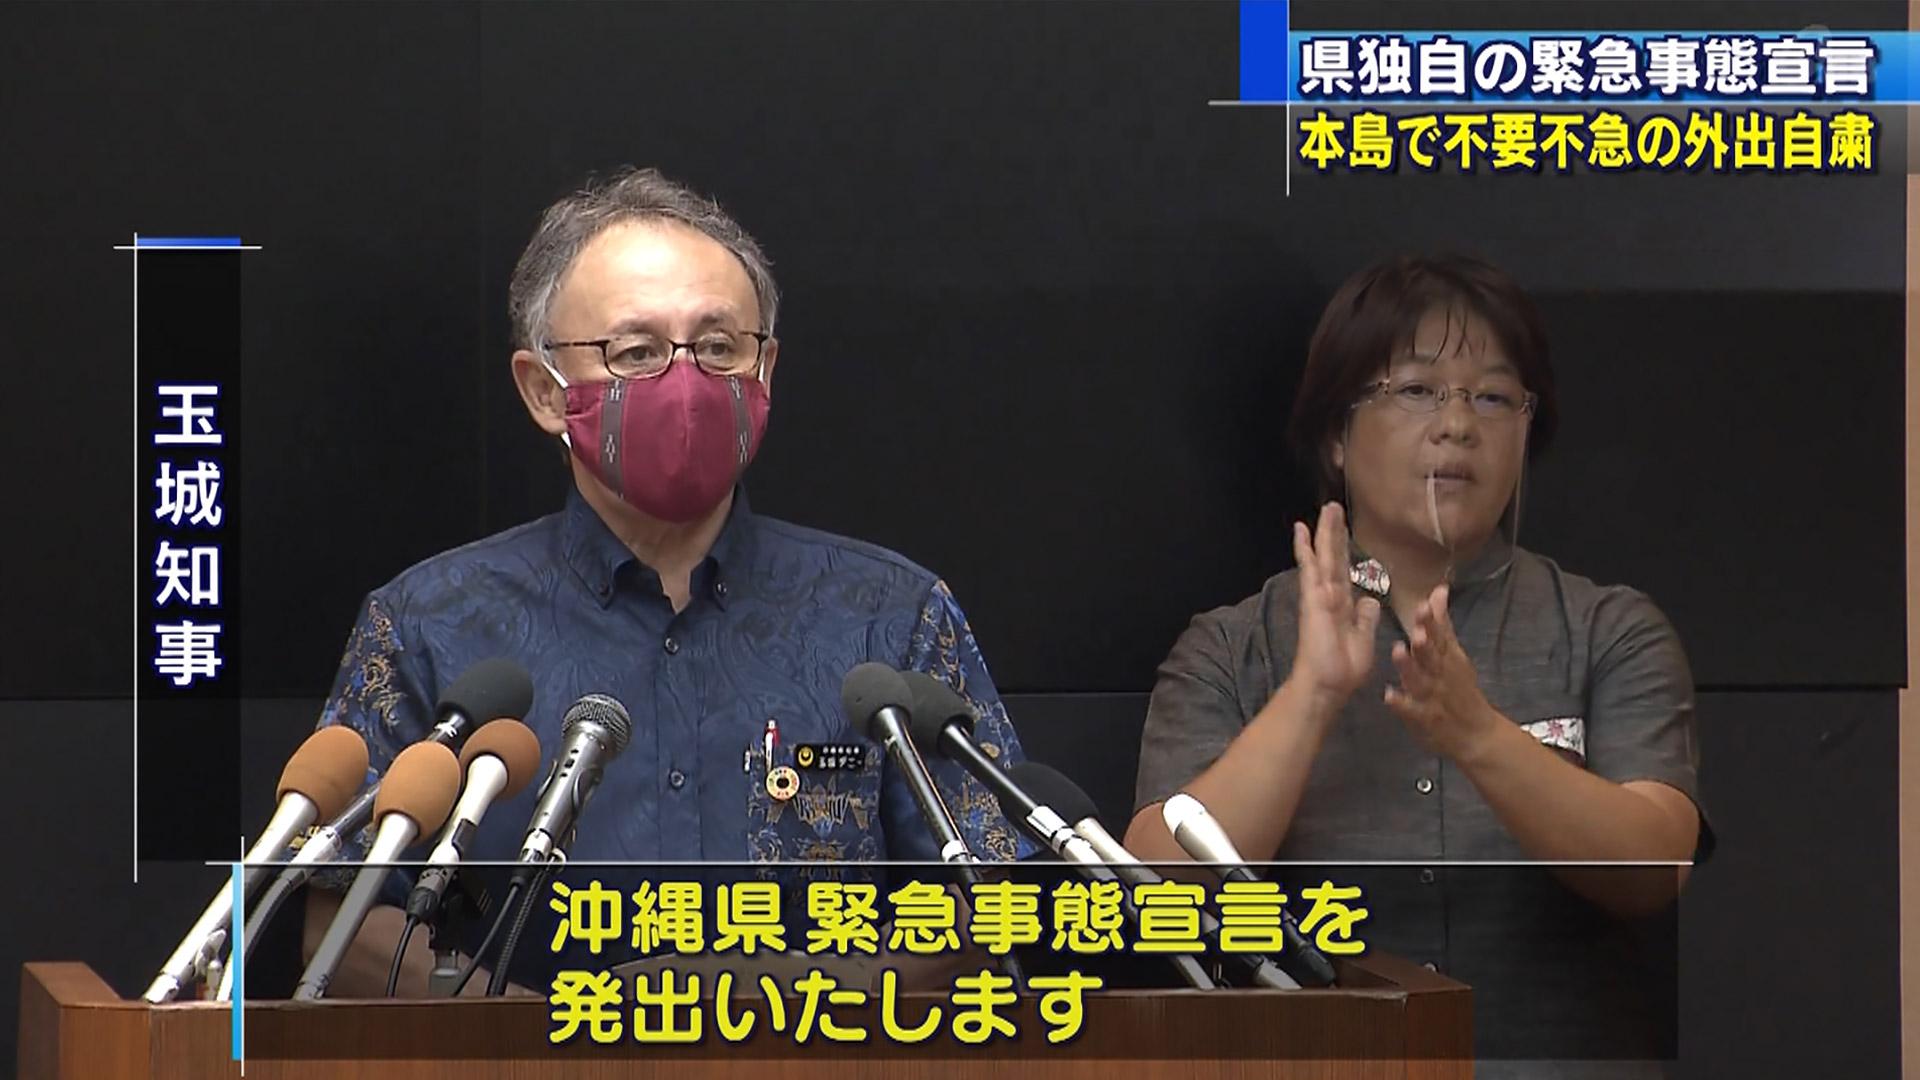 沖縄県が独自の緊急事態宣言